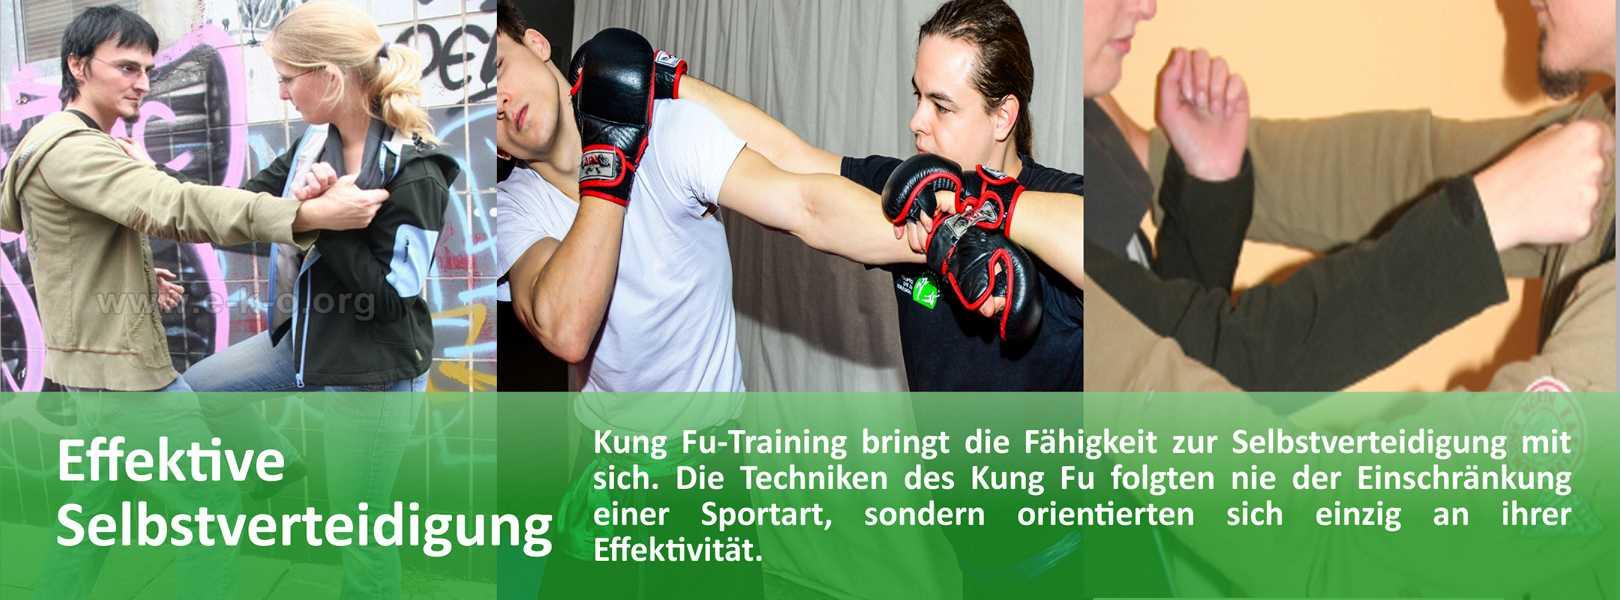 Traditionelles Kung Fu als Kampfkunst beinhaltet alle für eine erfolgreiche Selbstverteidigung erforderliche Techniken.